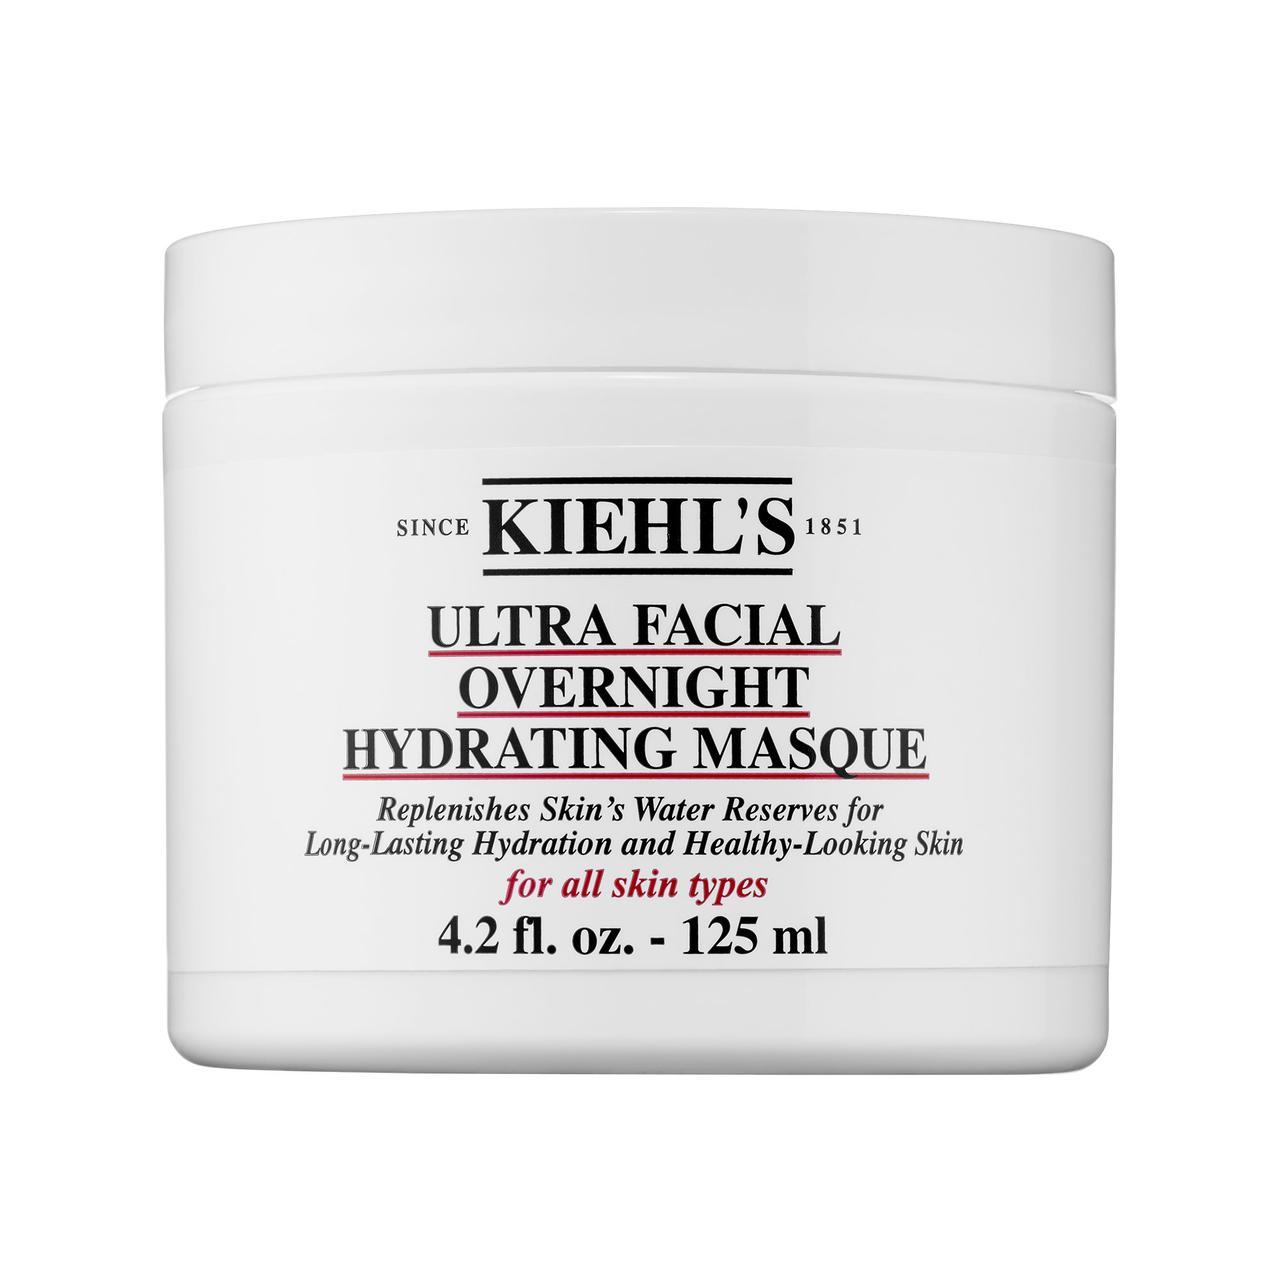 Ночная увлажняющая маска для лица Kiehl's Ultra Facial Overnight Hydrating Masque